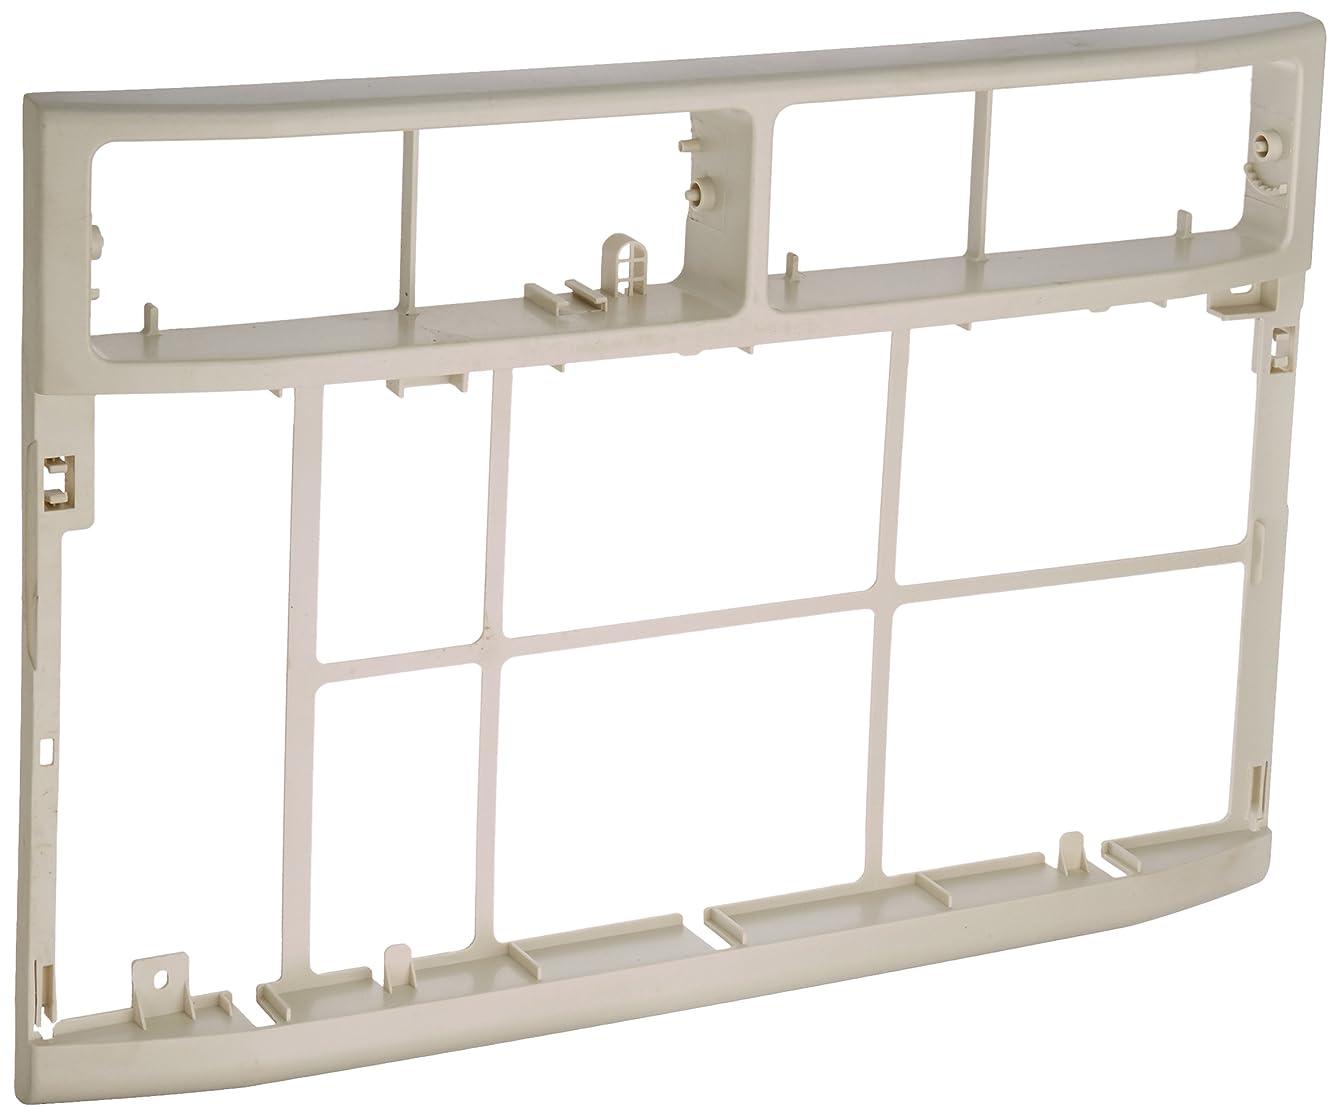 GENUINE Frigidaire 5304436553 Air Conditioner Door Frame